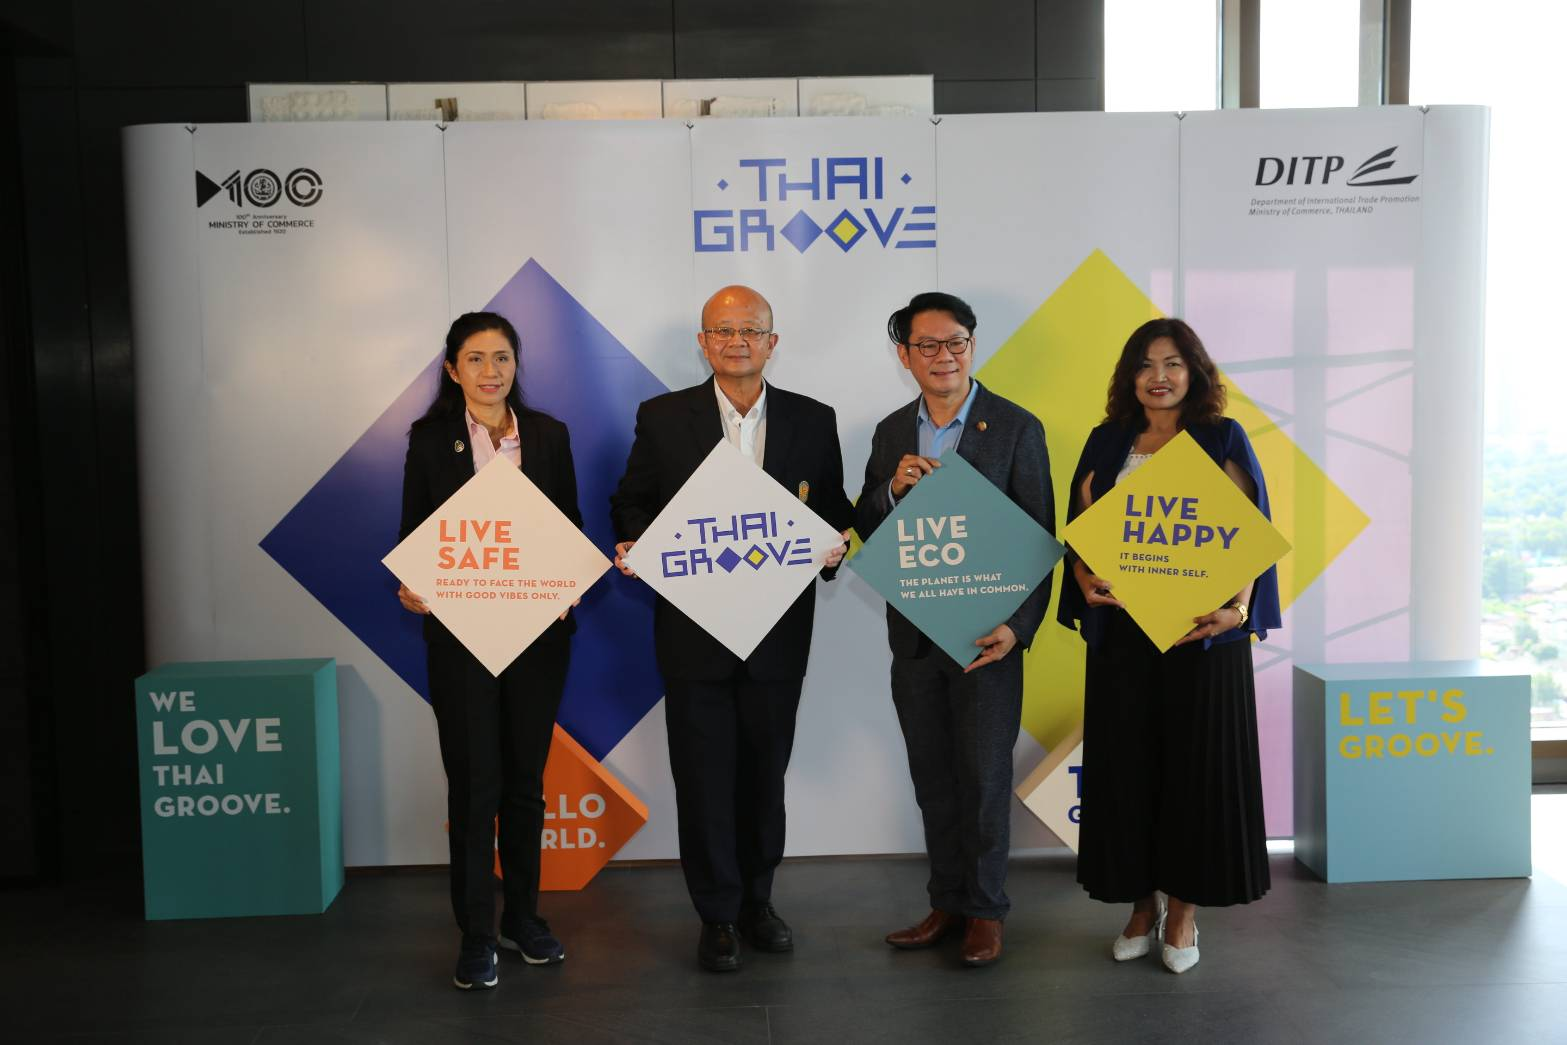 เตรียมตัวให้พร้อมสำหรับ THAIGROOVE (Global Reach Online to Offline Virtual Experience) เปิดประสบการณ์รูปแบบใหม่ในการสร้างโอกาสทางธุรกิจทั่วทุกมุมโลก